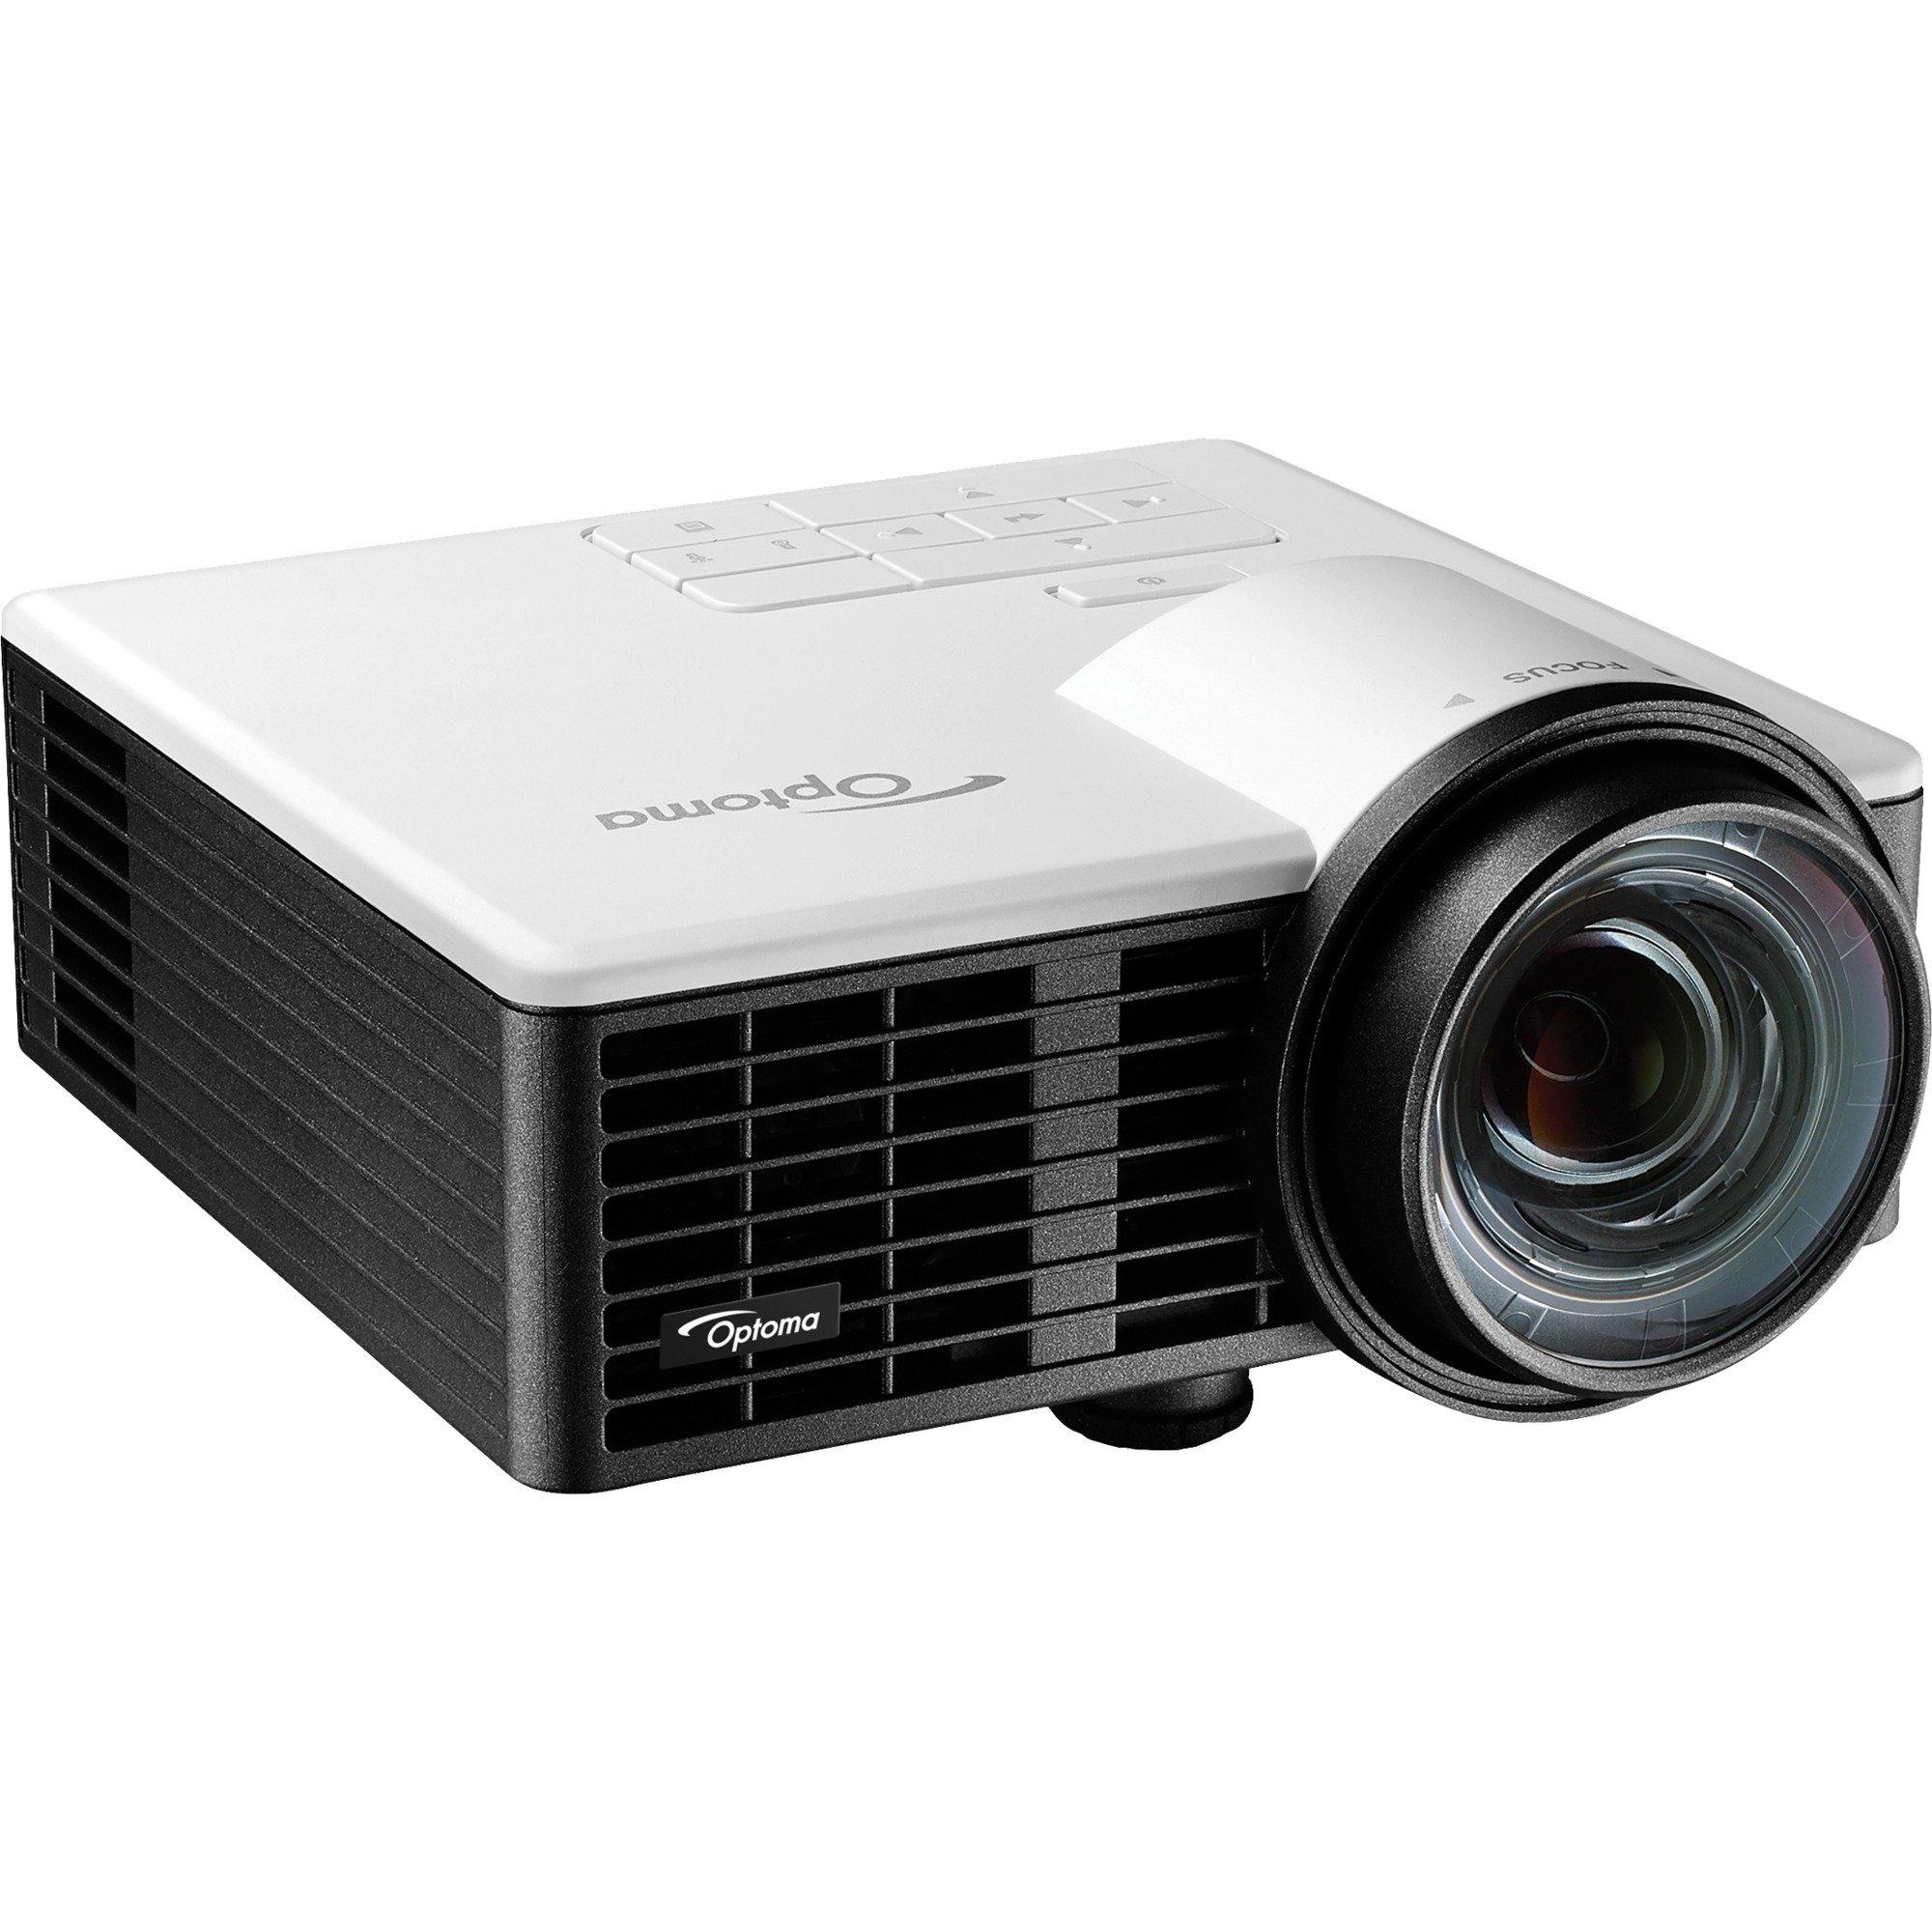 ML750ST Vidéoprojecteur portable 800ANSI lumens DLP WXGA (1280x720) Compatibilité 3D Noir vidéo-projecteur, Projecteur DLP